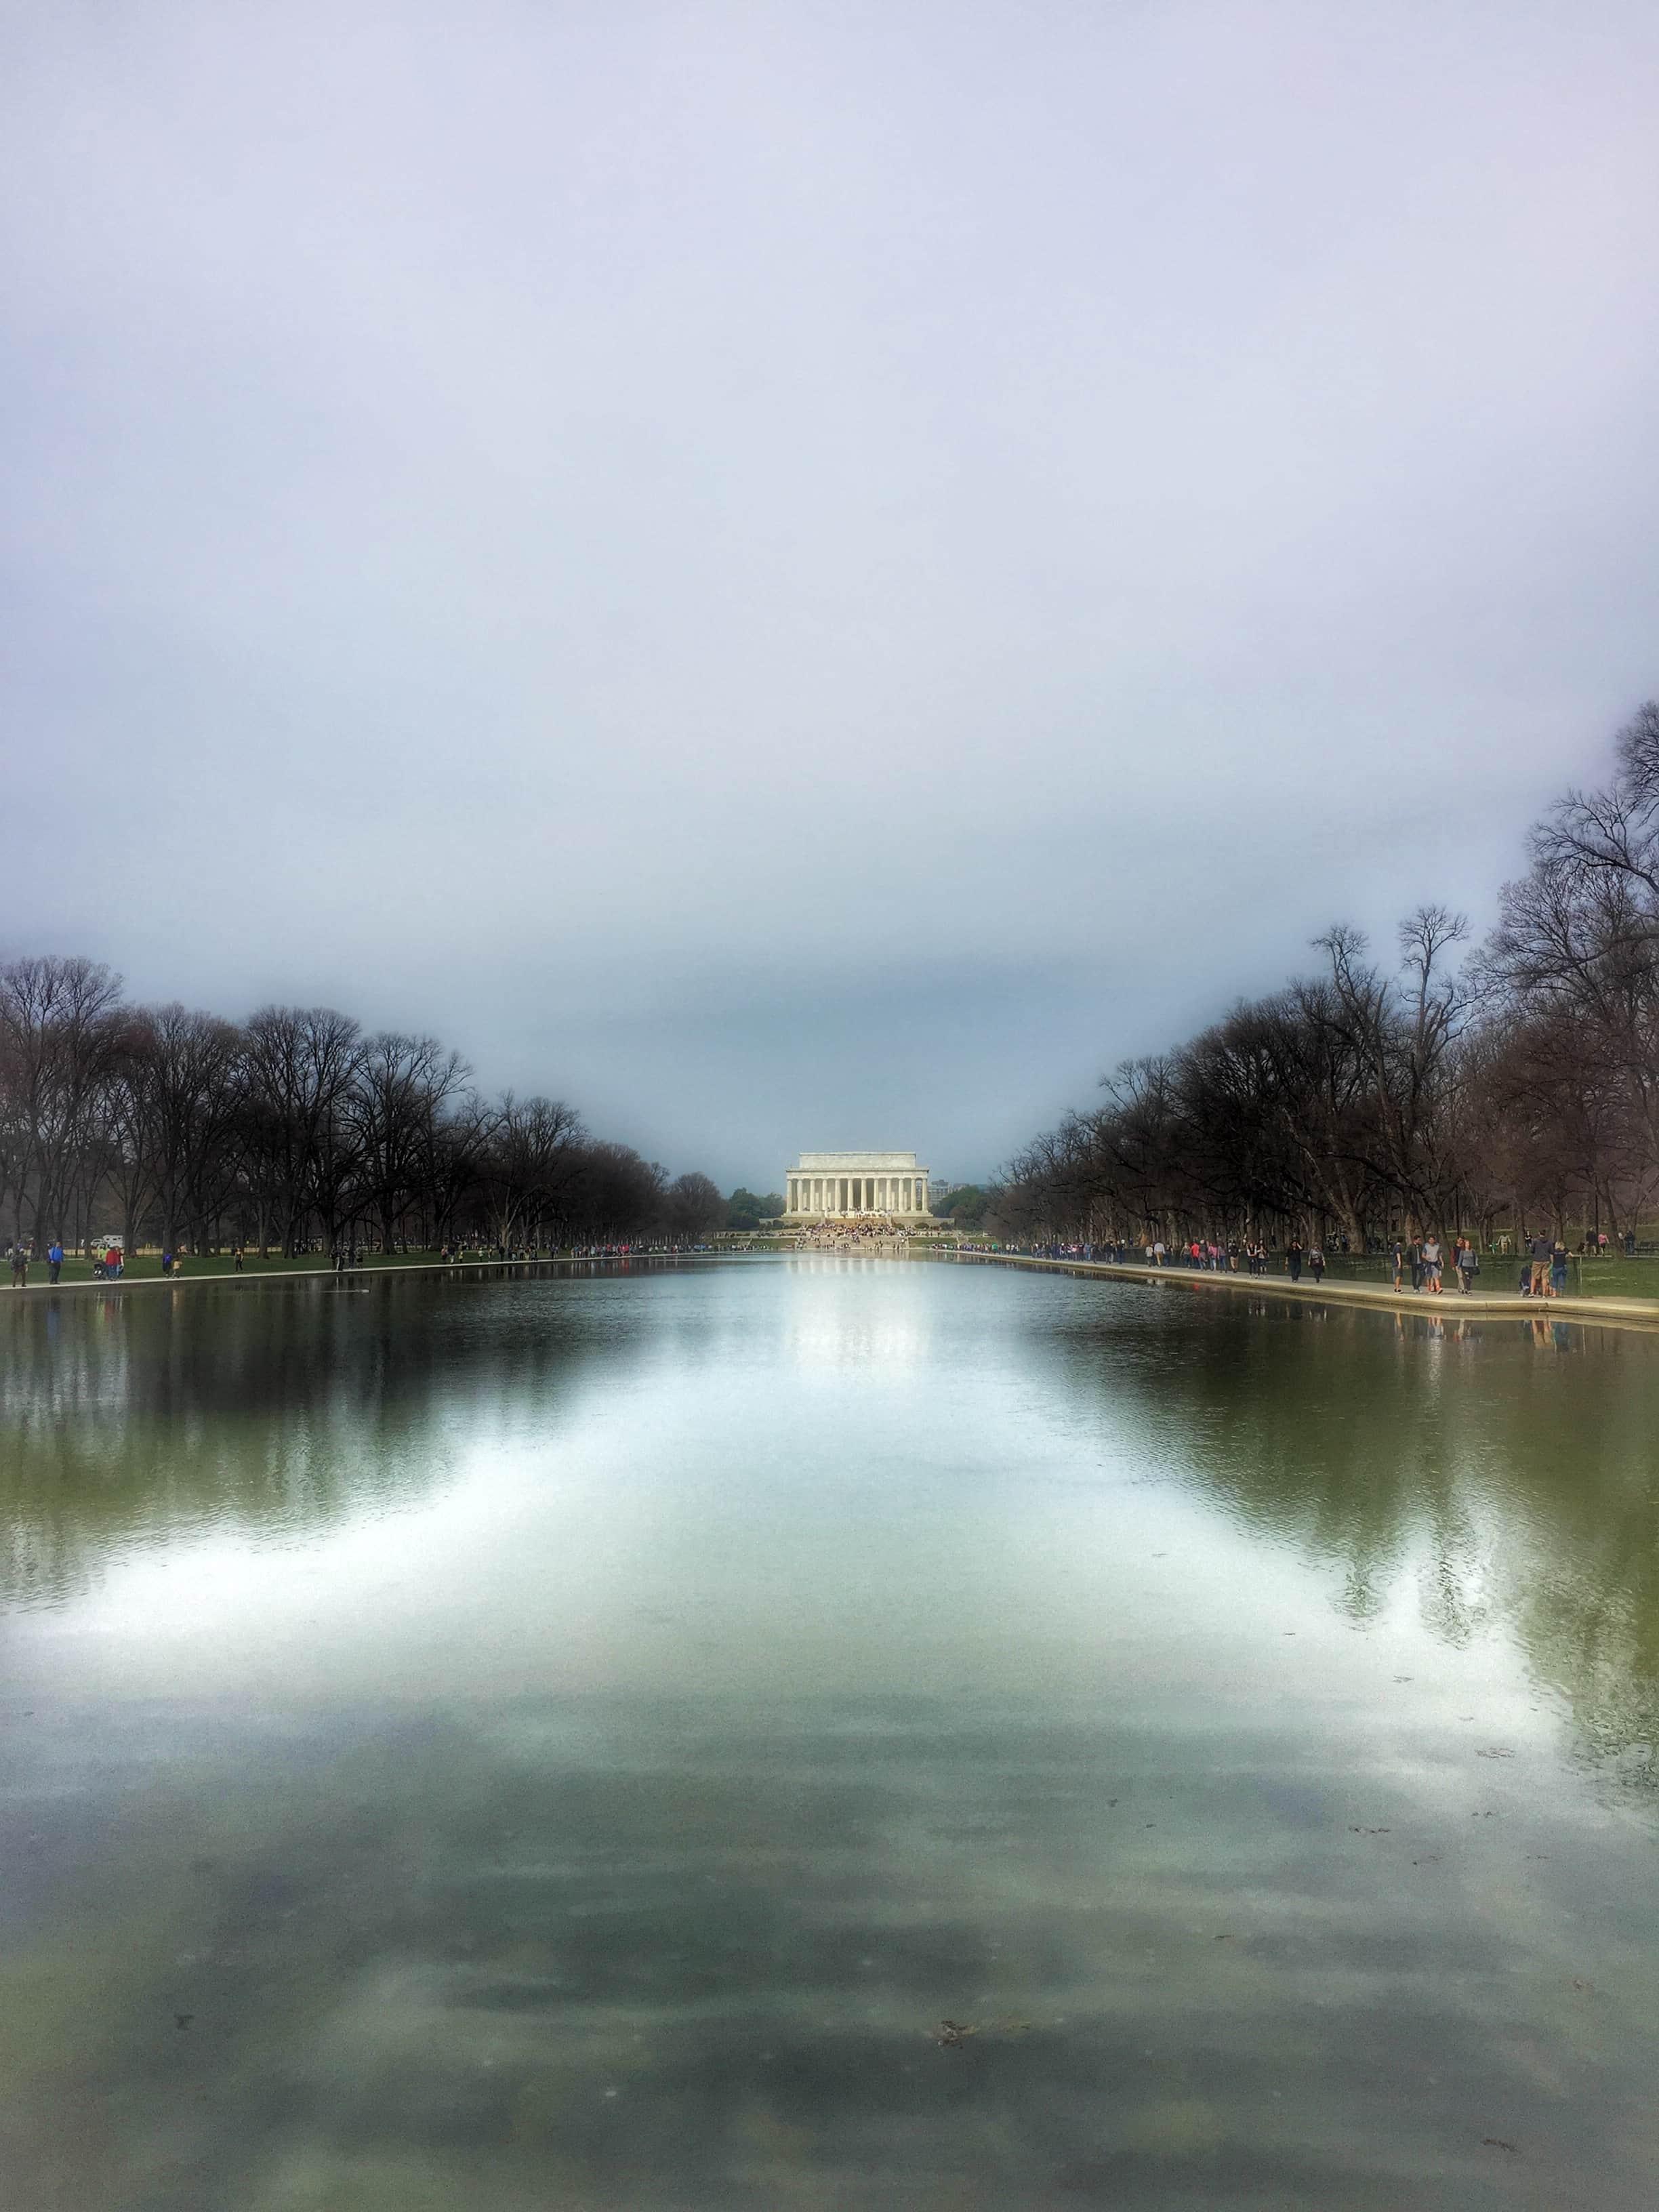 Family Vacation in Washington DC